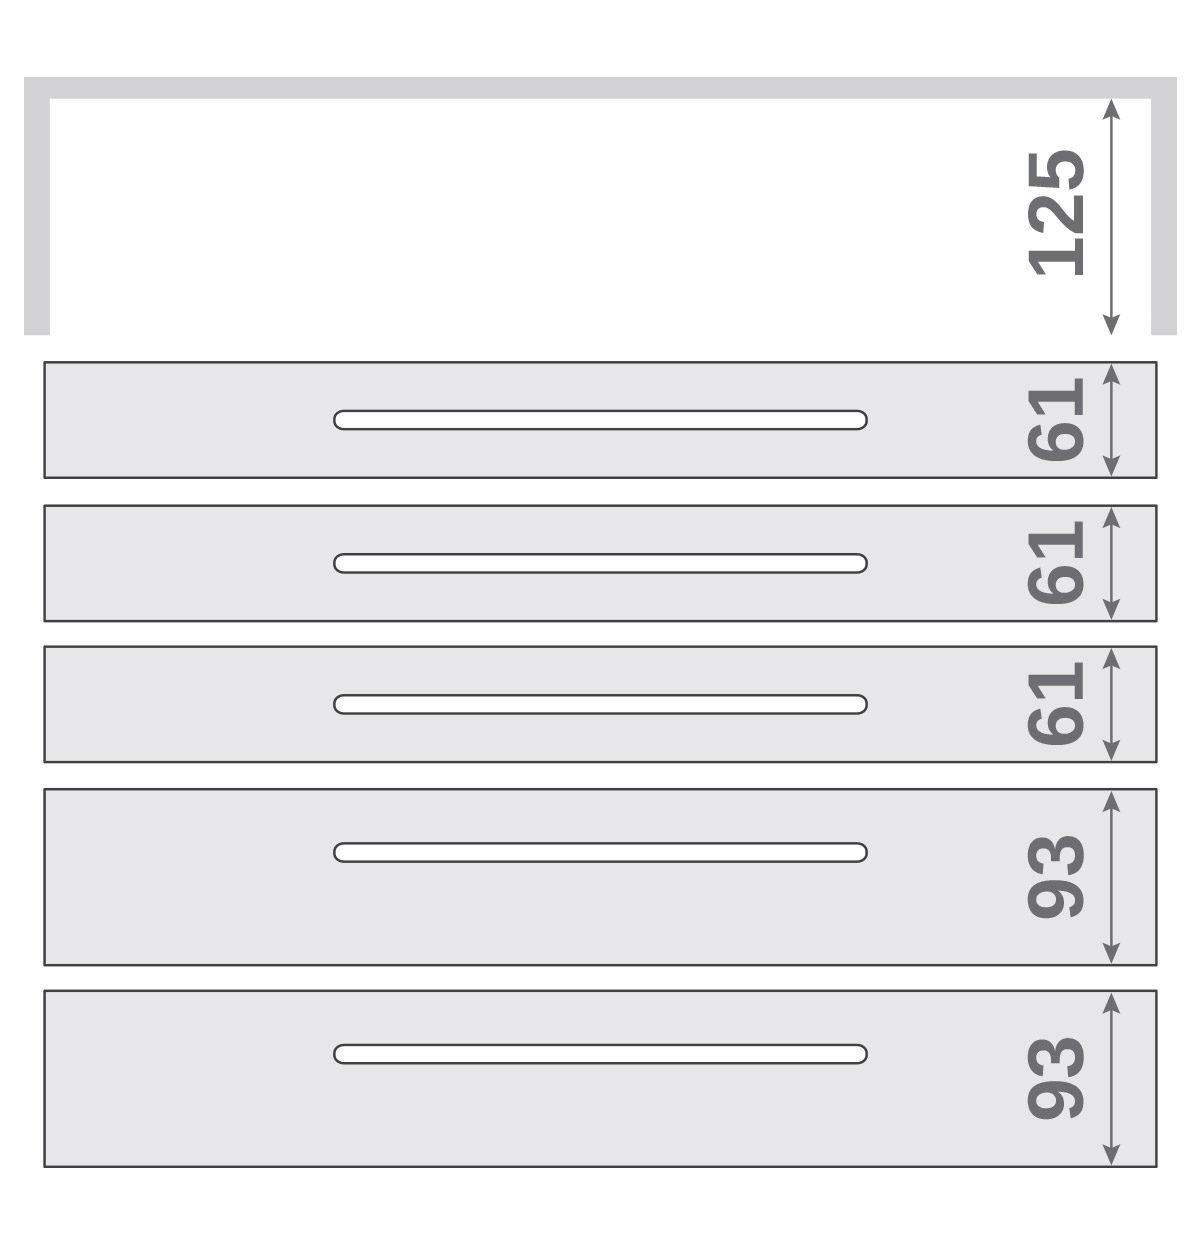 ПАНОК-СОЛО 600 long с полкой (каталожный номер 16.1-16.6), Каталожный номер 16.6